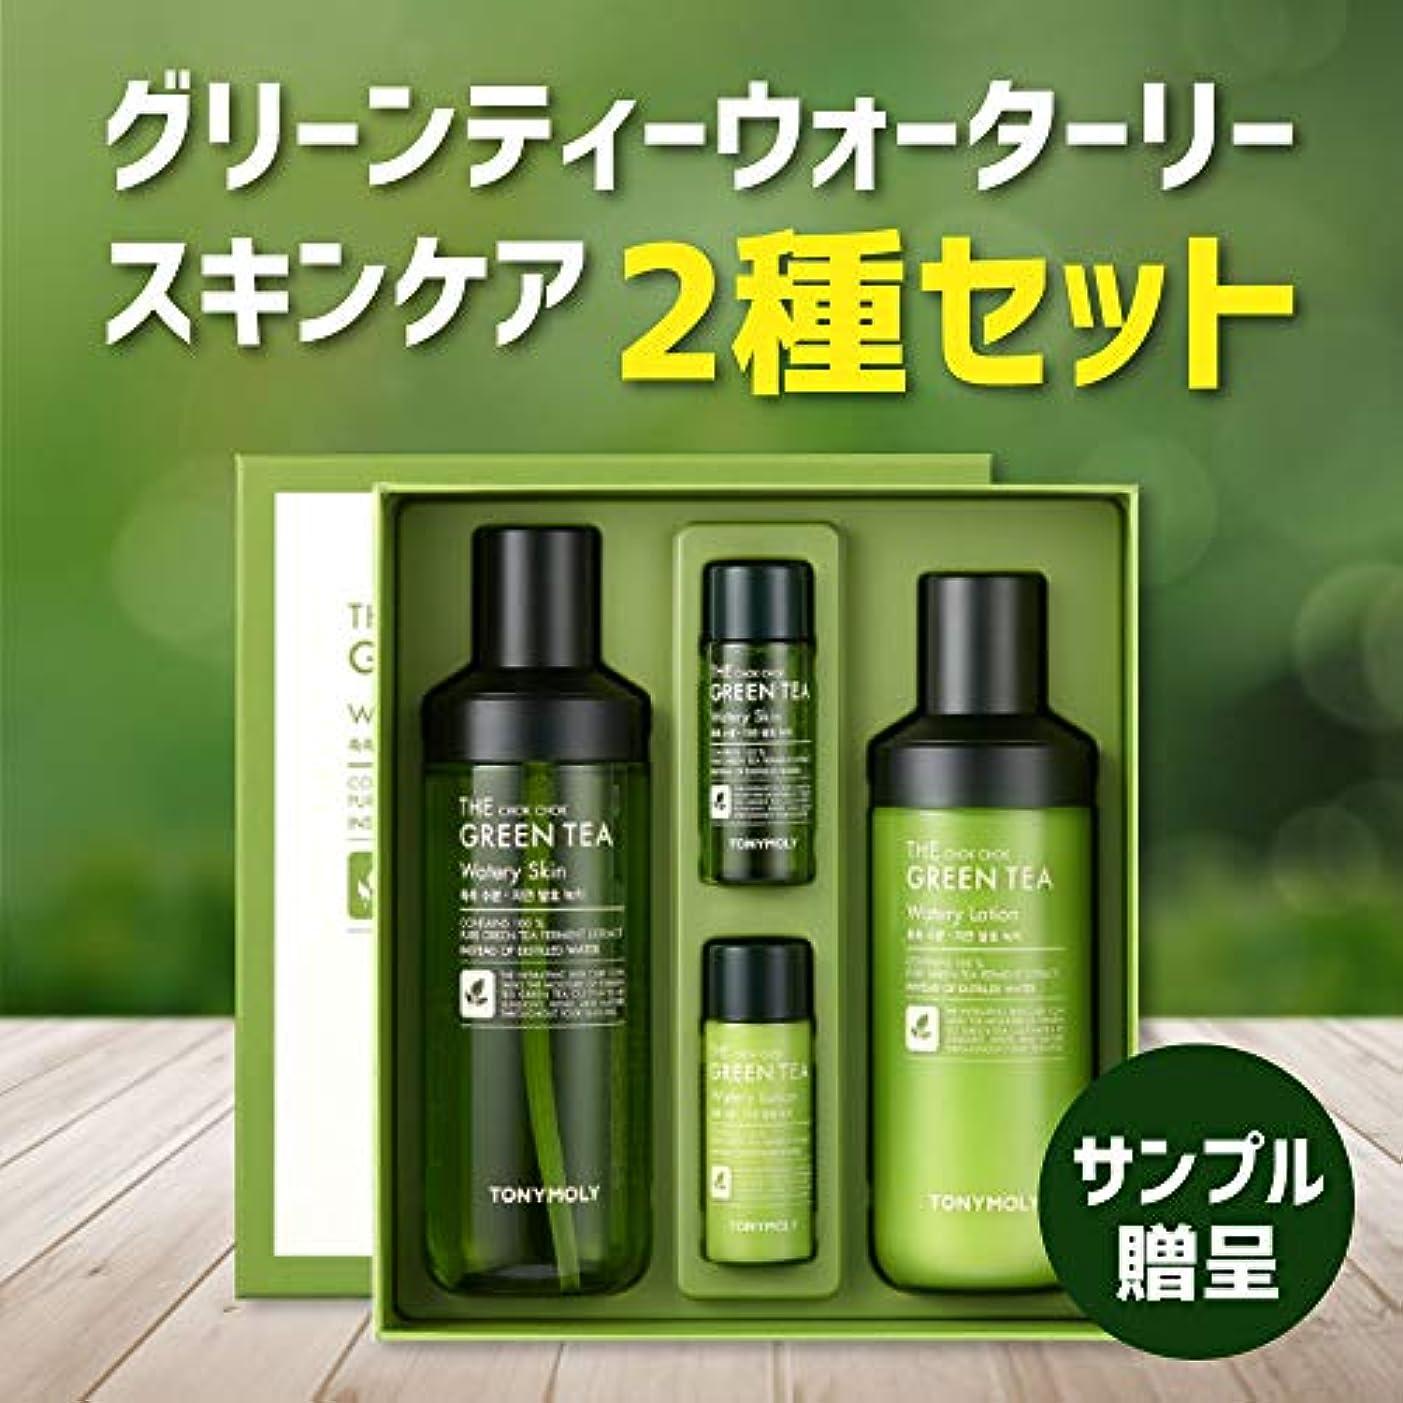 バター検索便利さTONYMOLY しっとり グリーン ティー 水分 化粧水 乳液 セット 抹茶 The Chok Chok Green Tea Watery Skin